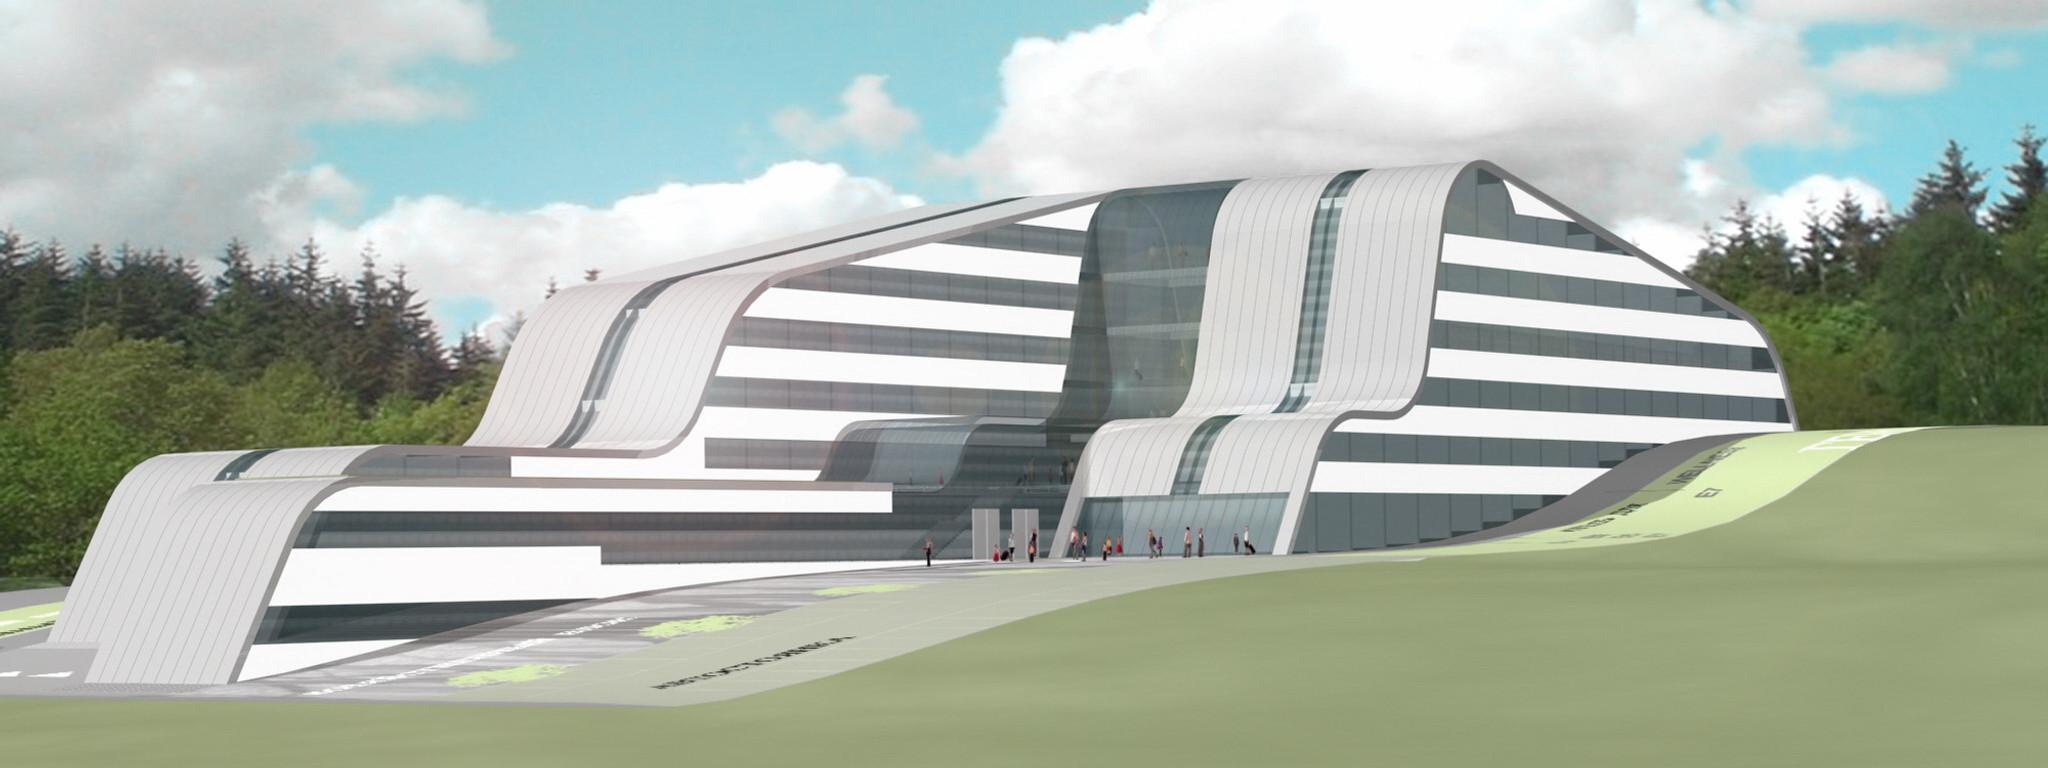 UKTUS Rehabilitationsklinik und Hotel fca Architekten Visualisierung